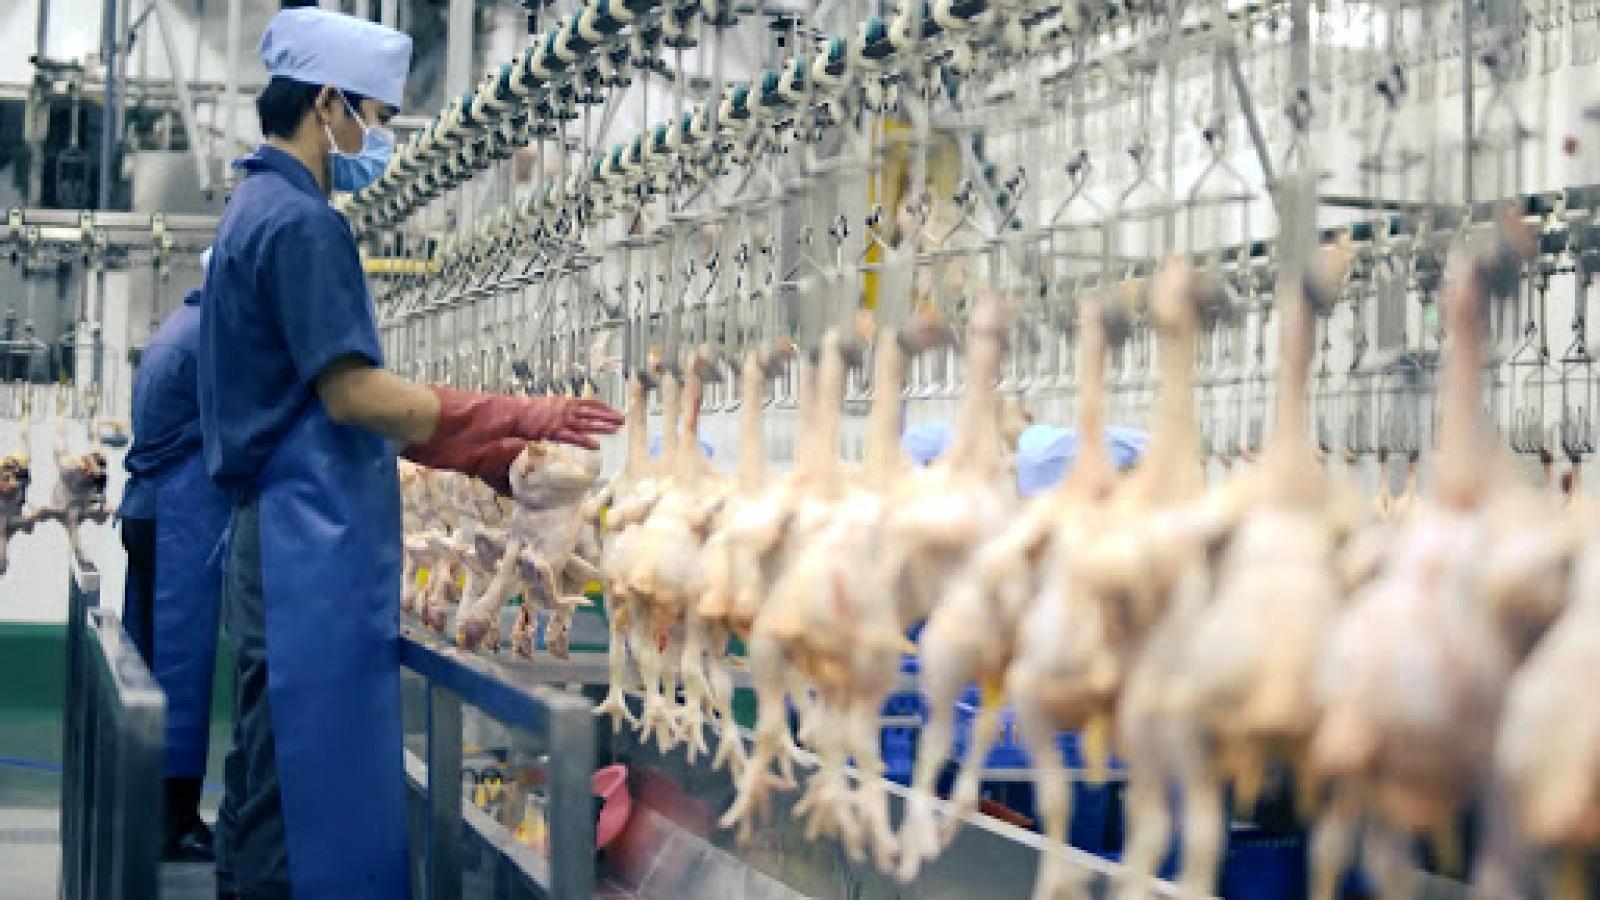 Đầu tư công nghệ cao để mở rộng thị trường xuất khẩu thịt gia cầm